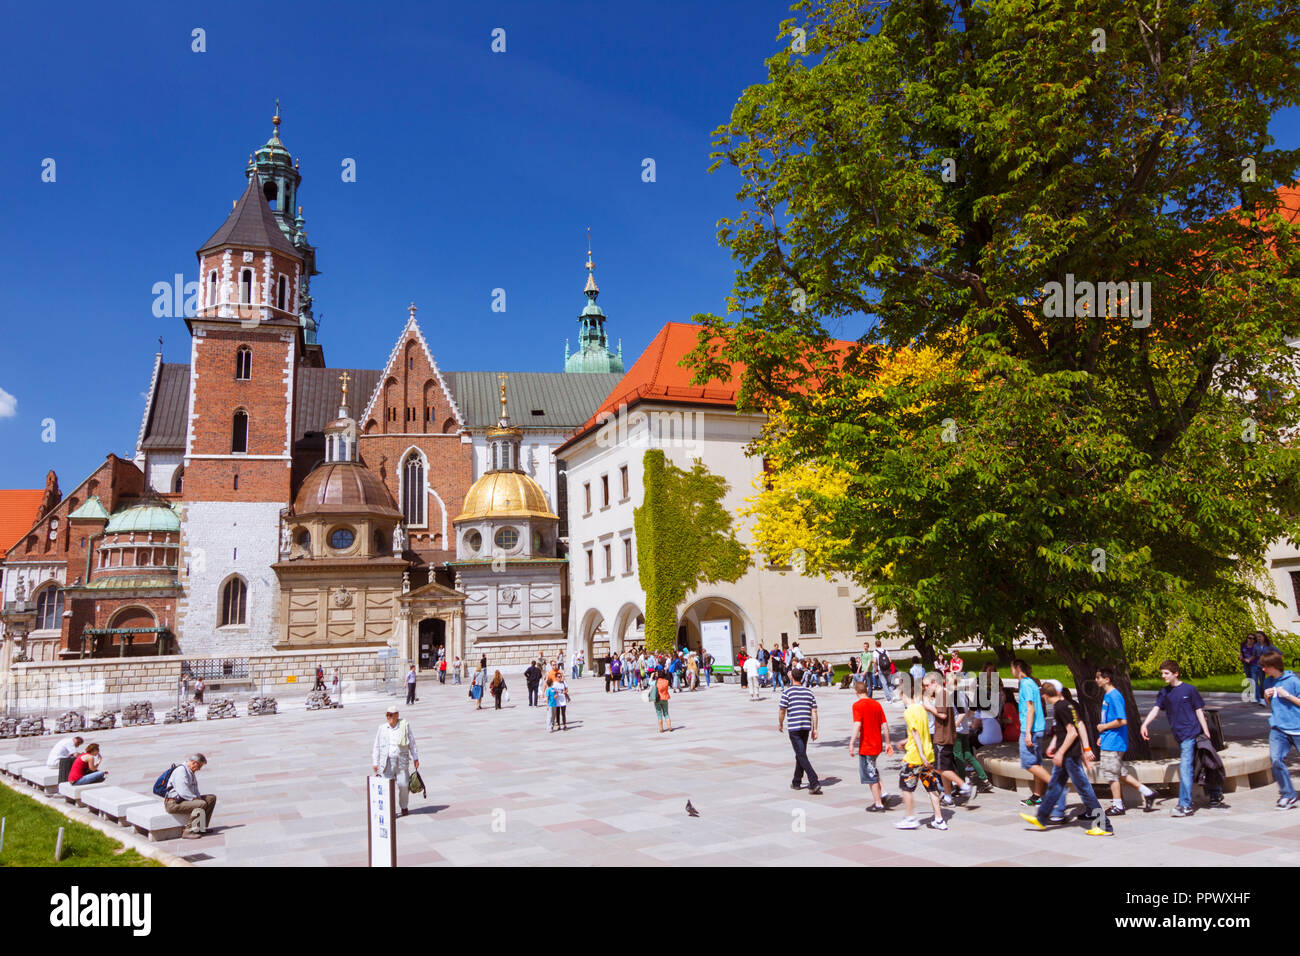 Cracovia, Polonia : Hay turistas que caminan alrededor de la catedral de Wawel sobre la colina de Wawel. Primero construido y destruido en el siglo XI; la construcción del curren Imagen De Stock